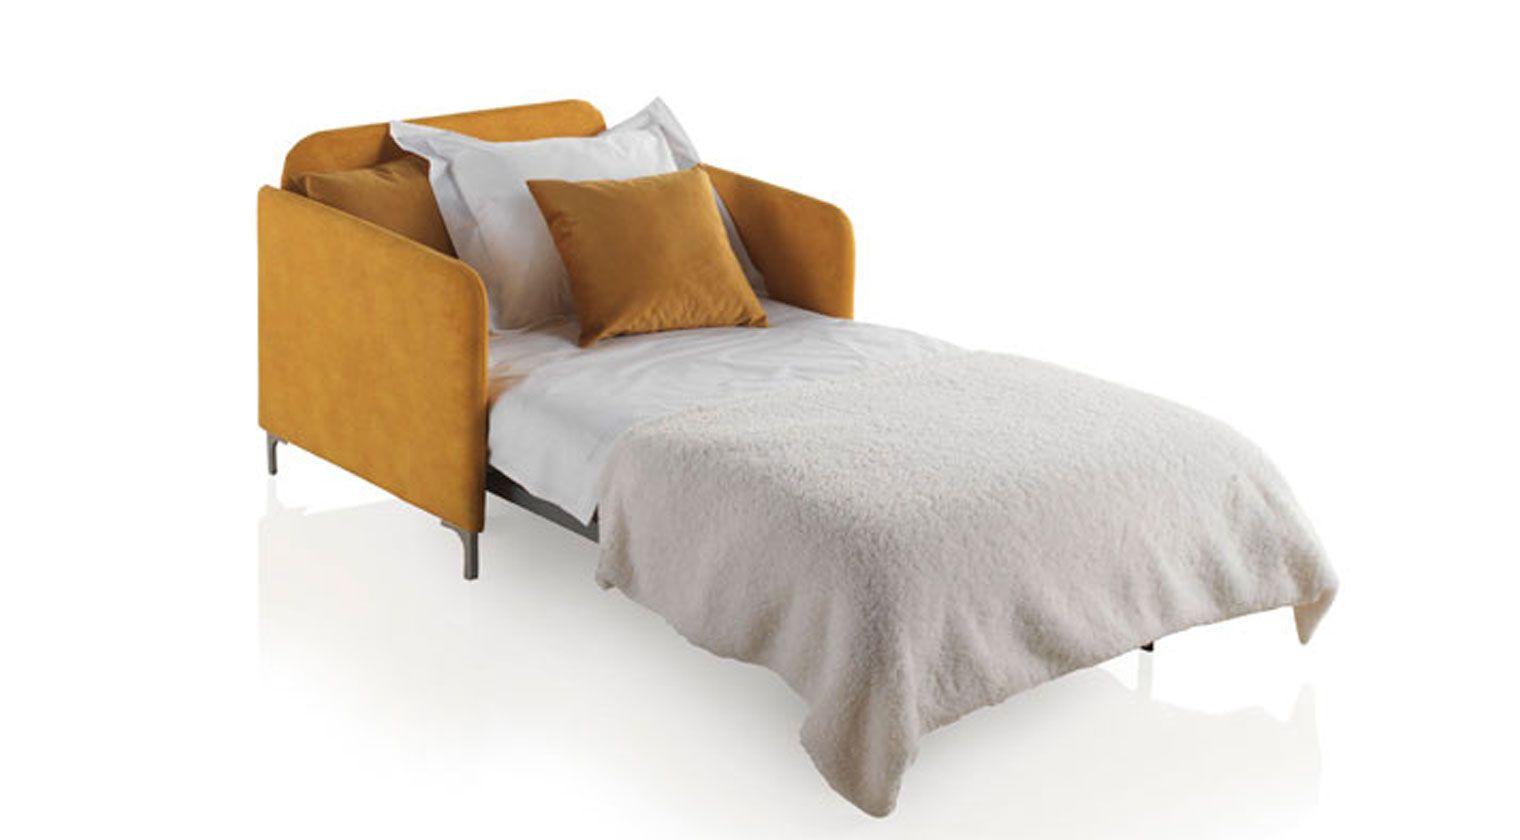 Comprar sof cama nancy 2 plazas cama de 120x190 cm ambar for Sofas baratos asturias